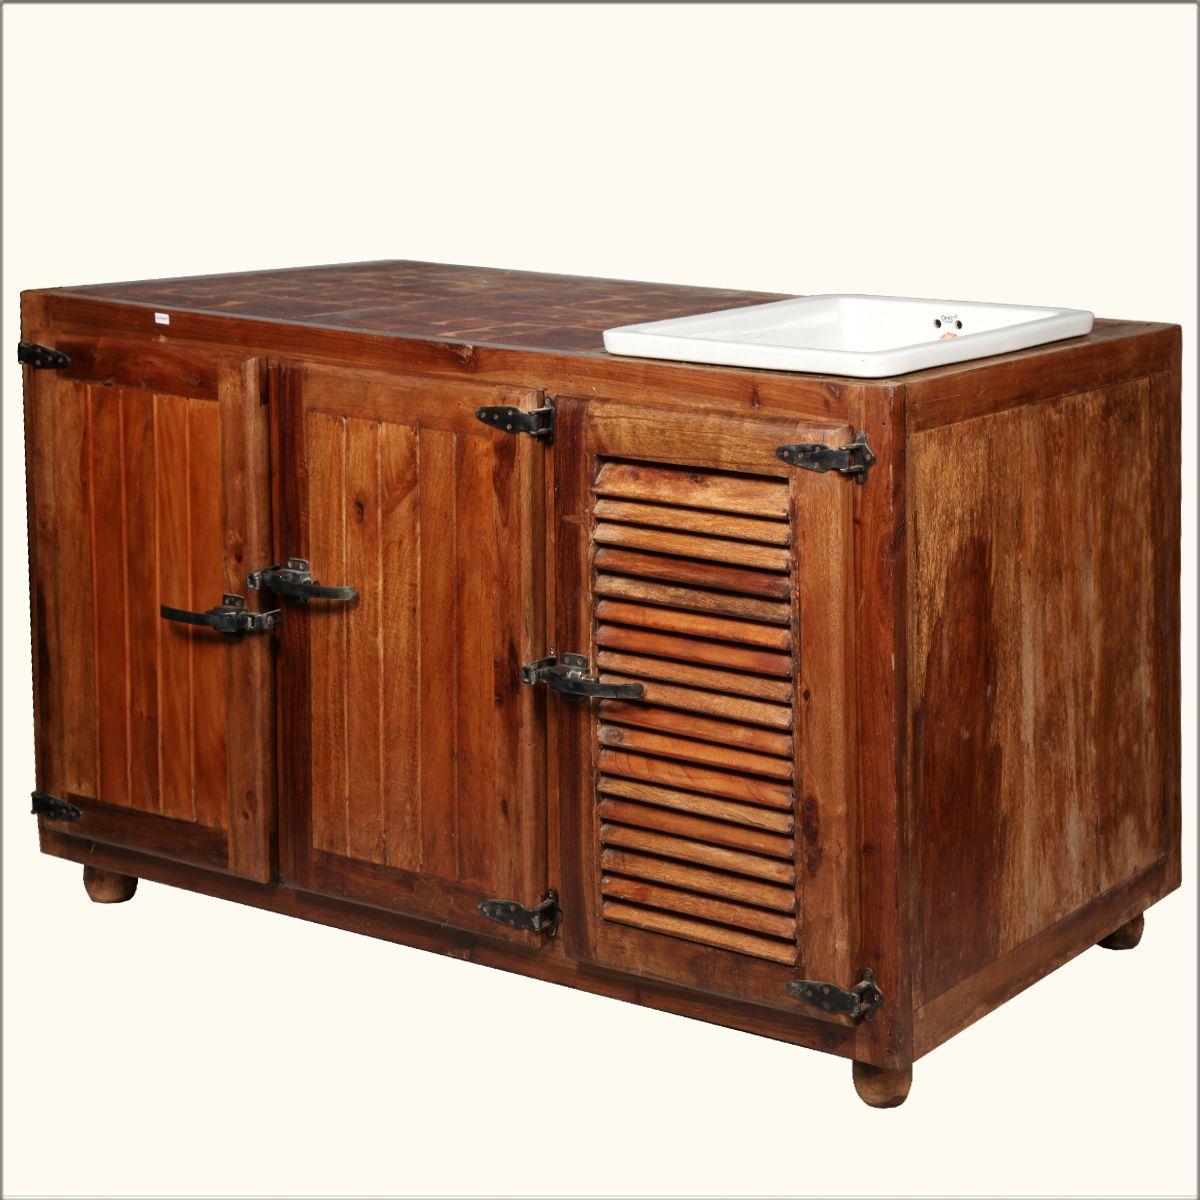 Old Fashioned Teak Wood Kitchen Sink Cabinet Old Fashioned Kitchen Rustic Storage Cabinets Wood Kitchen